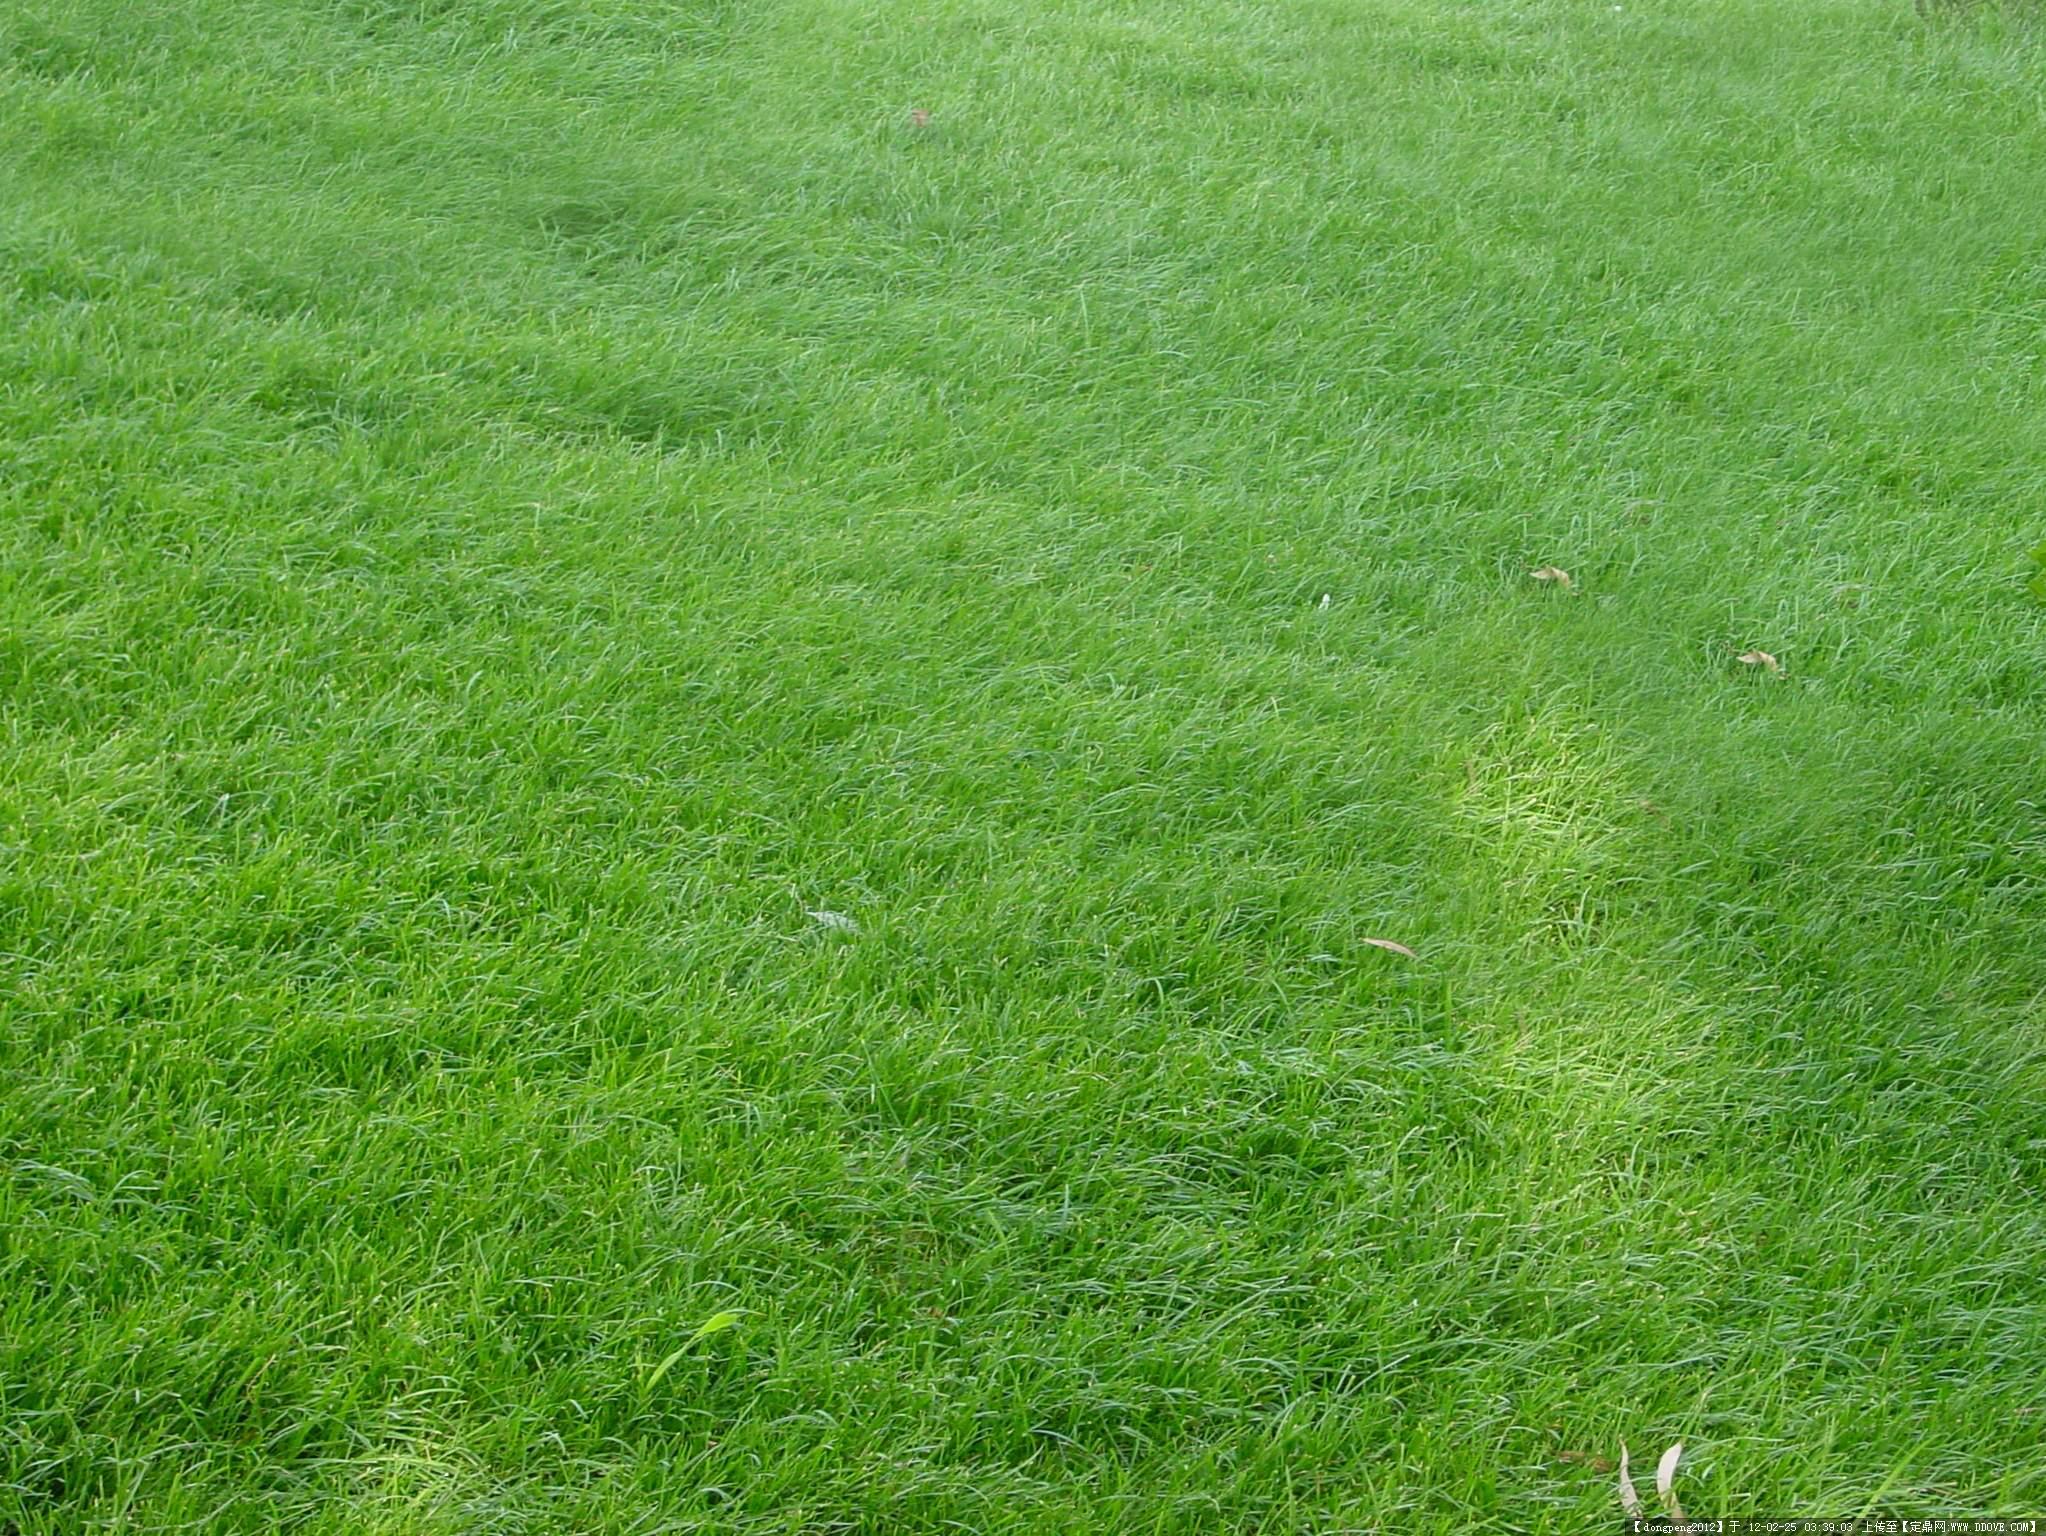 草坪后期素材的图片浏览,配景素材,园林植物,园林建筑